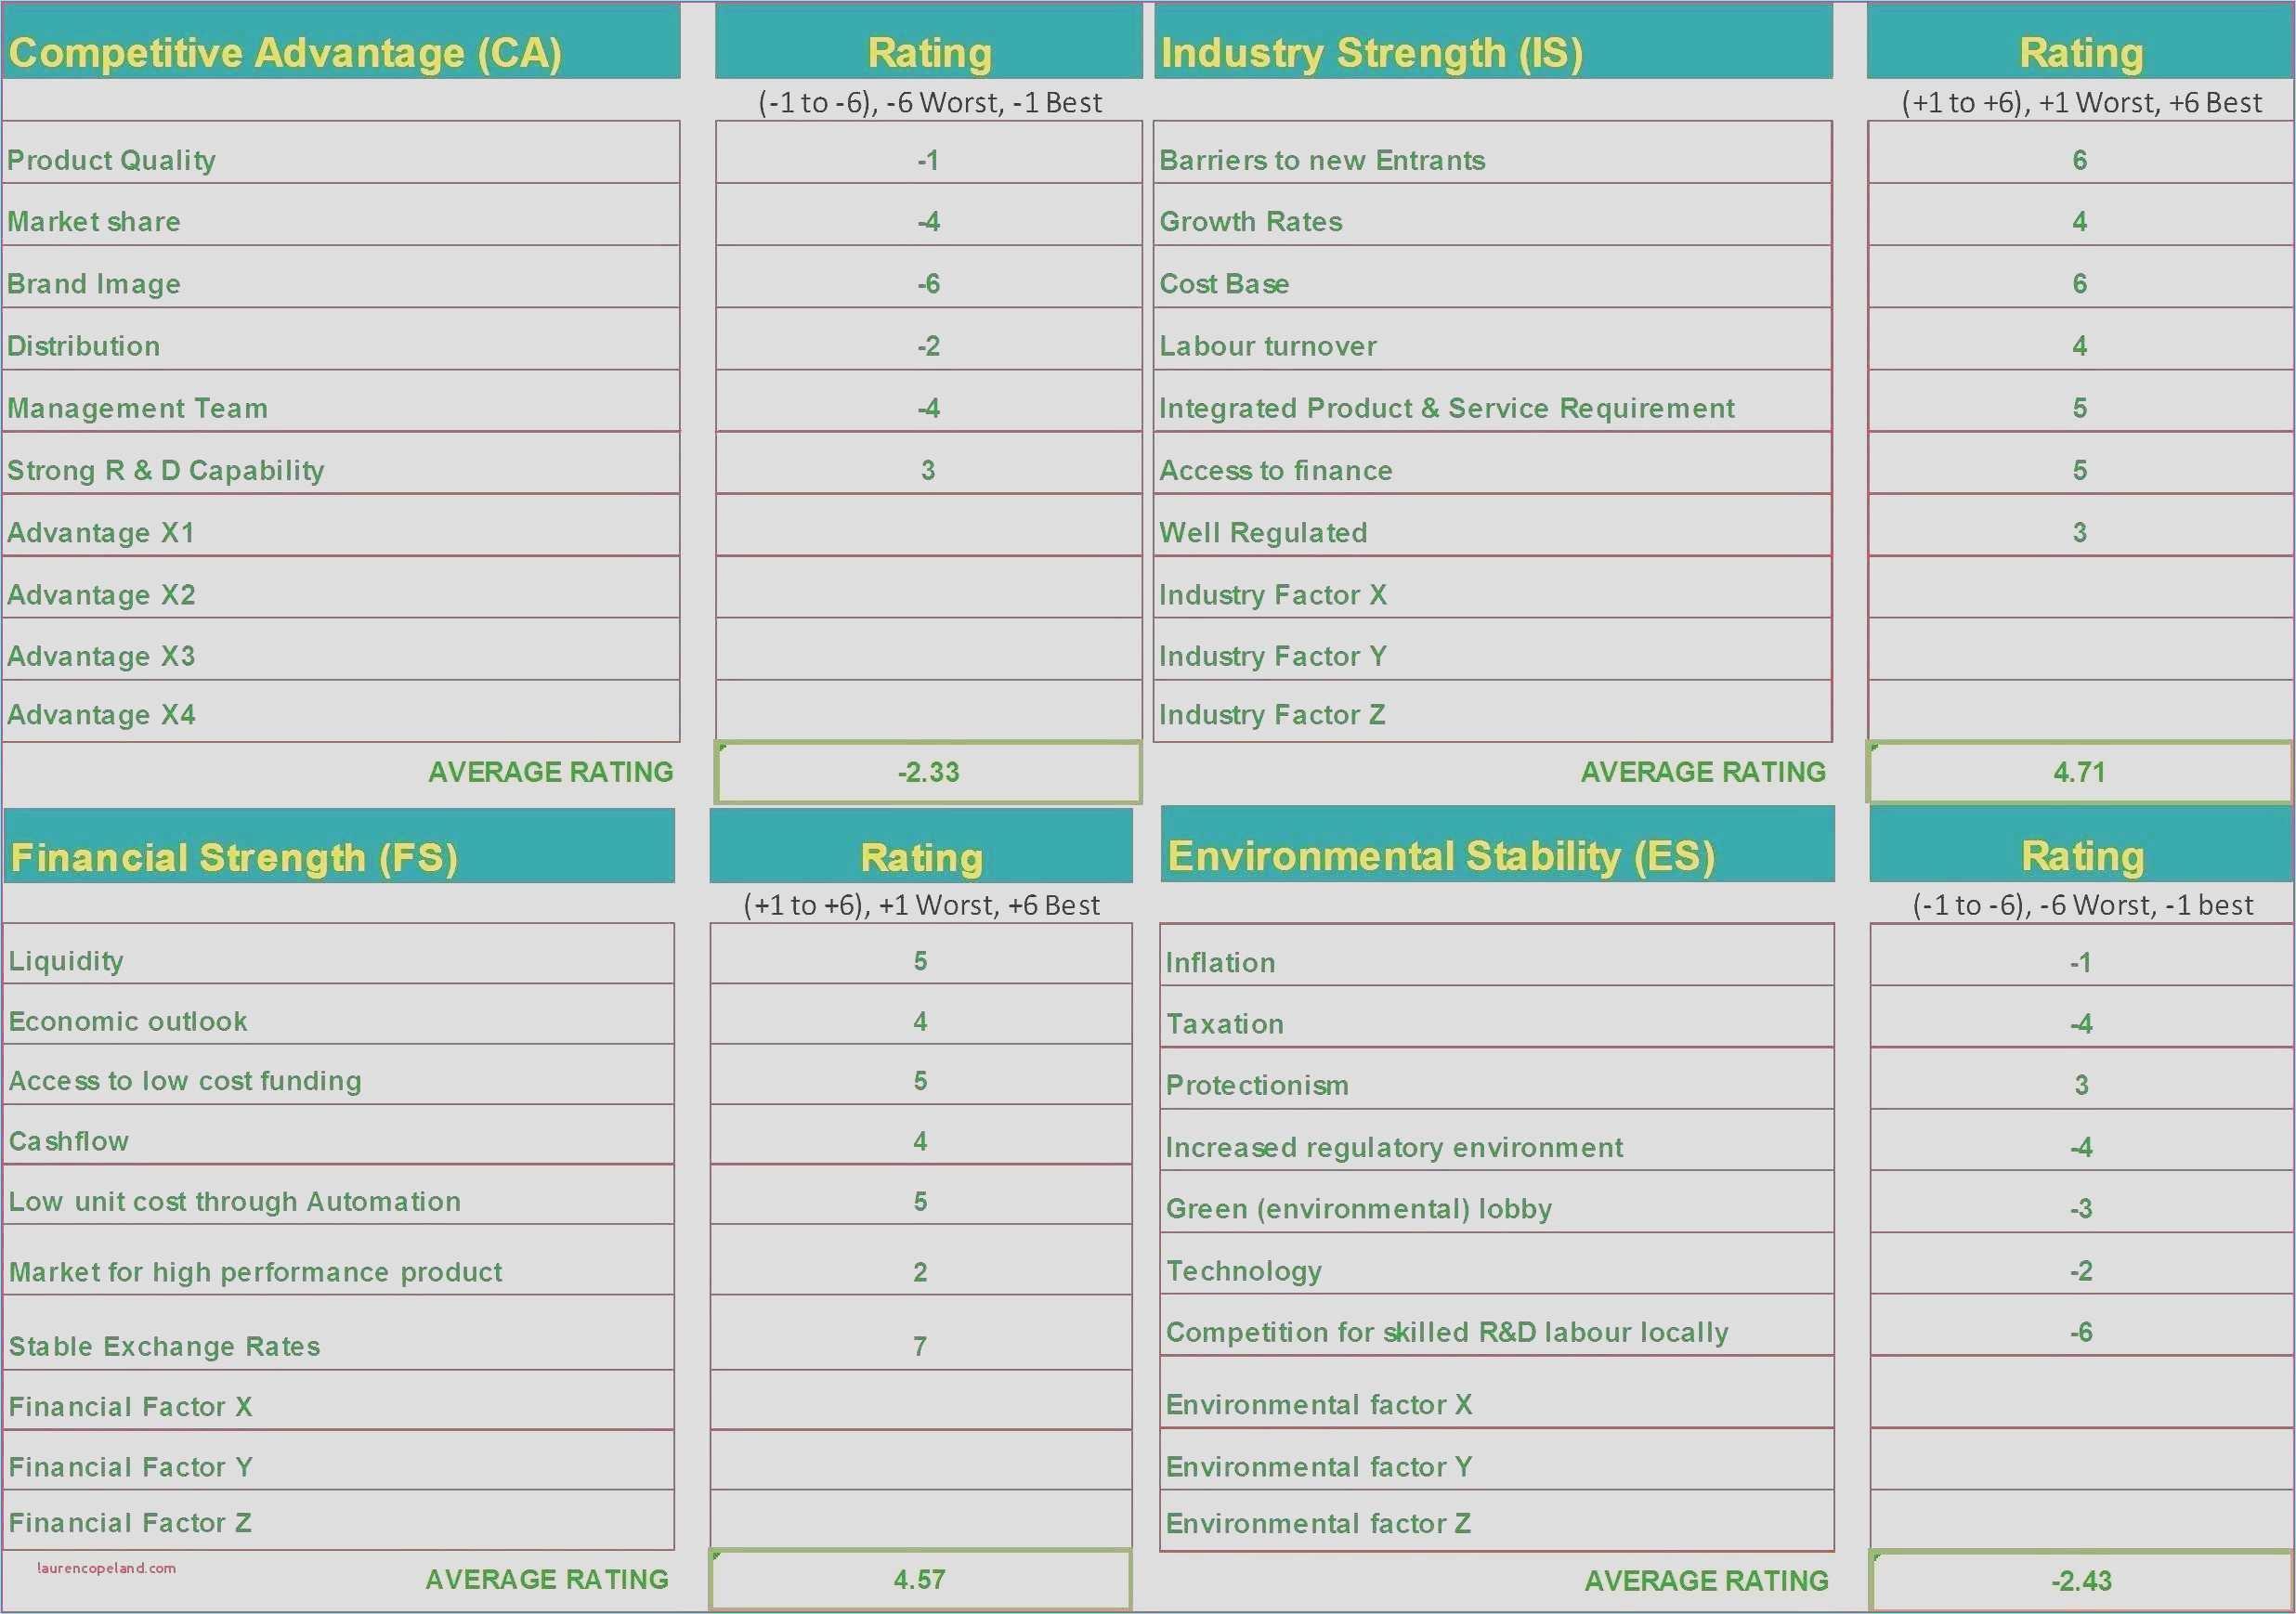 15 Erstaunlich Belohnungssystem Verhalten Kindern Vorlage verwandt mit Belohnungssystem Verhalten Kindern Vorlage